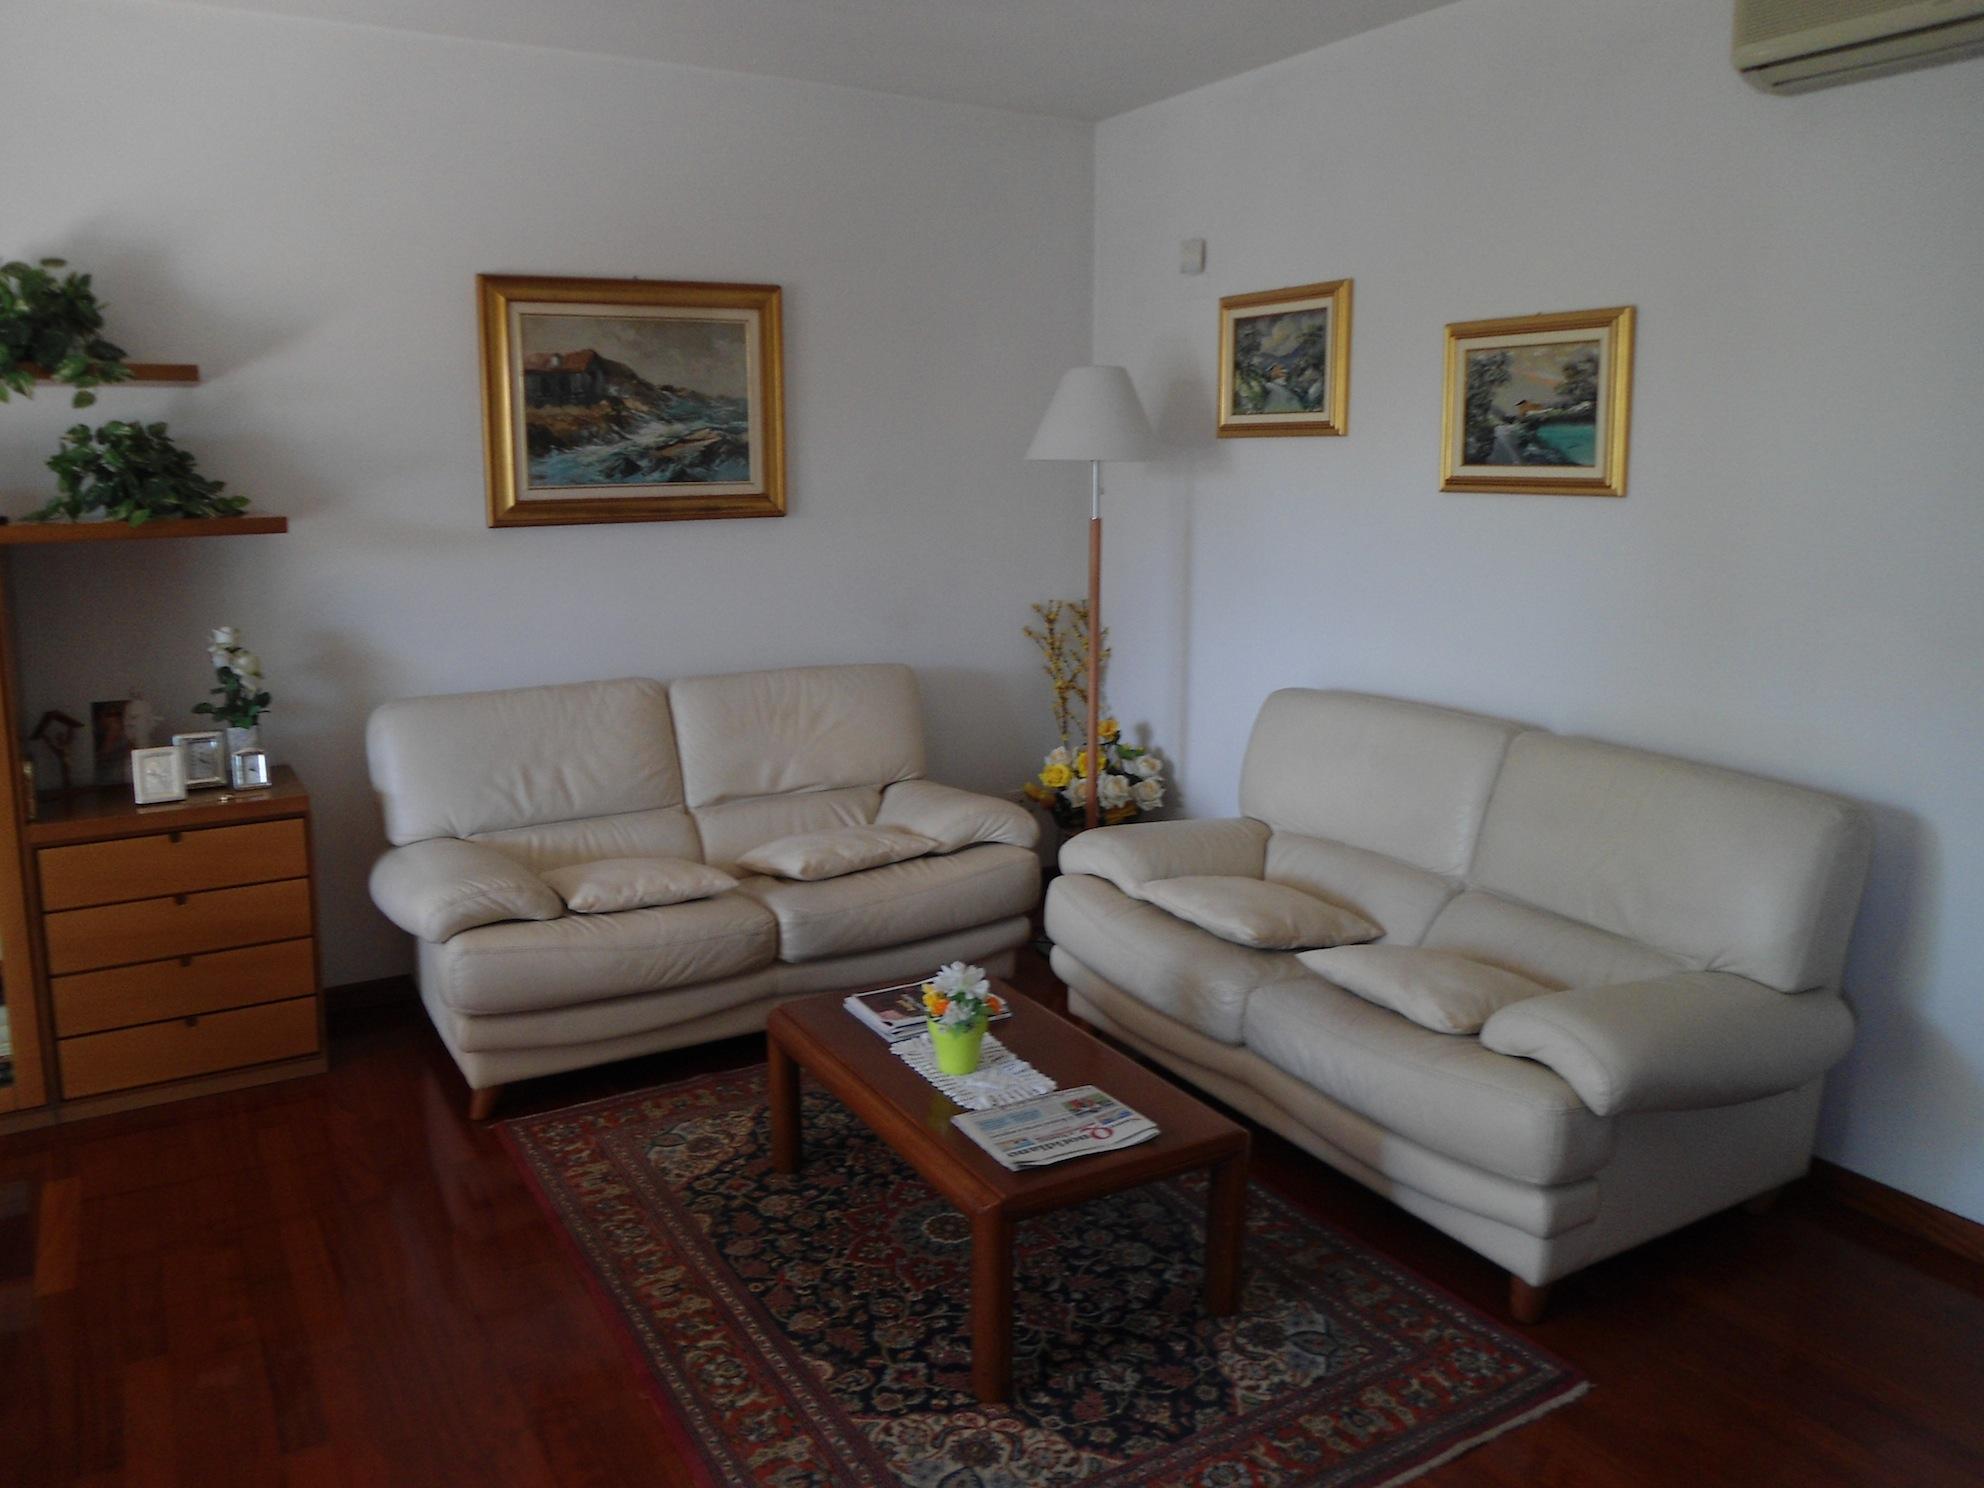 RICCIONE PARCO, appartamento in vendita con terrazzi abitabili